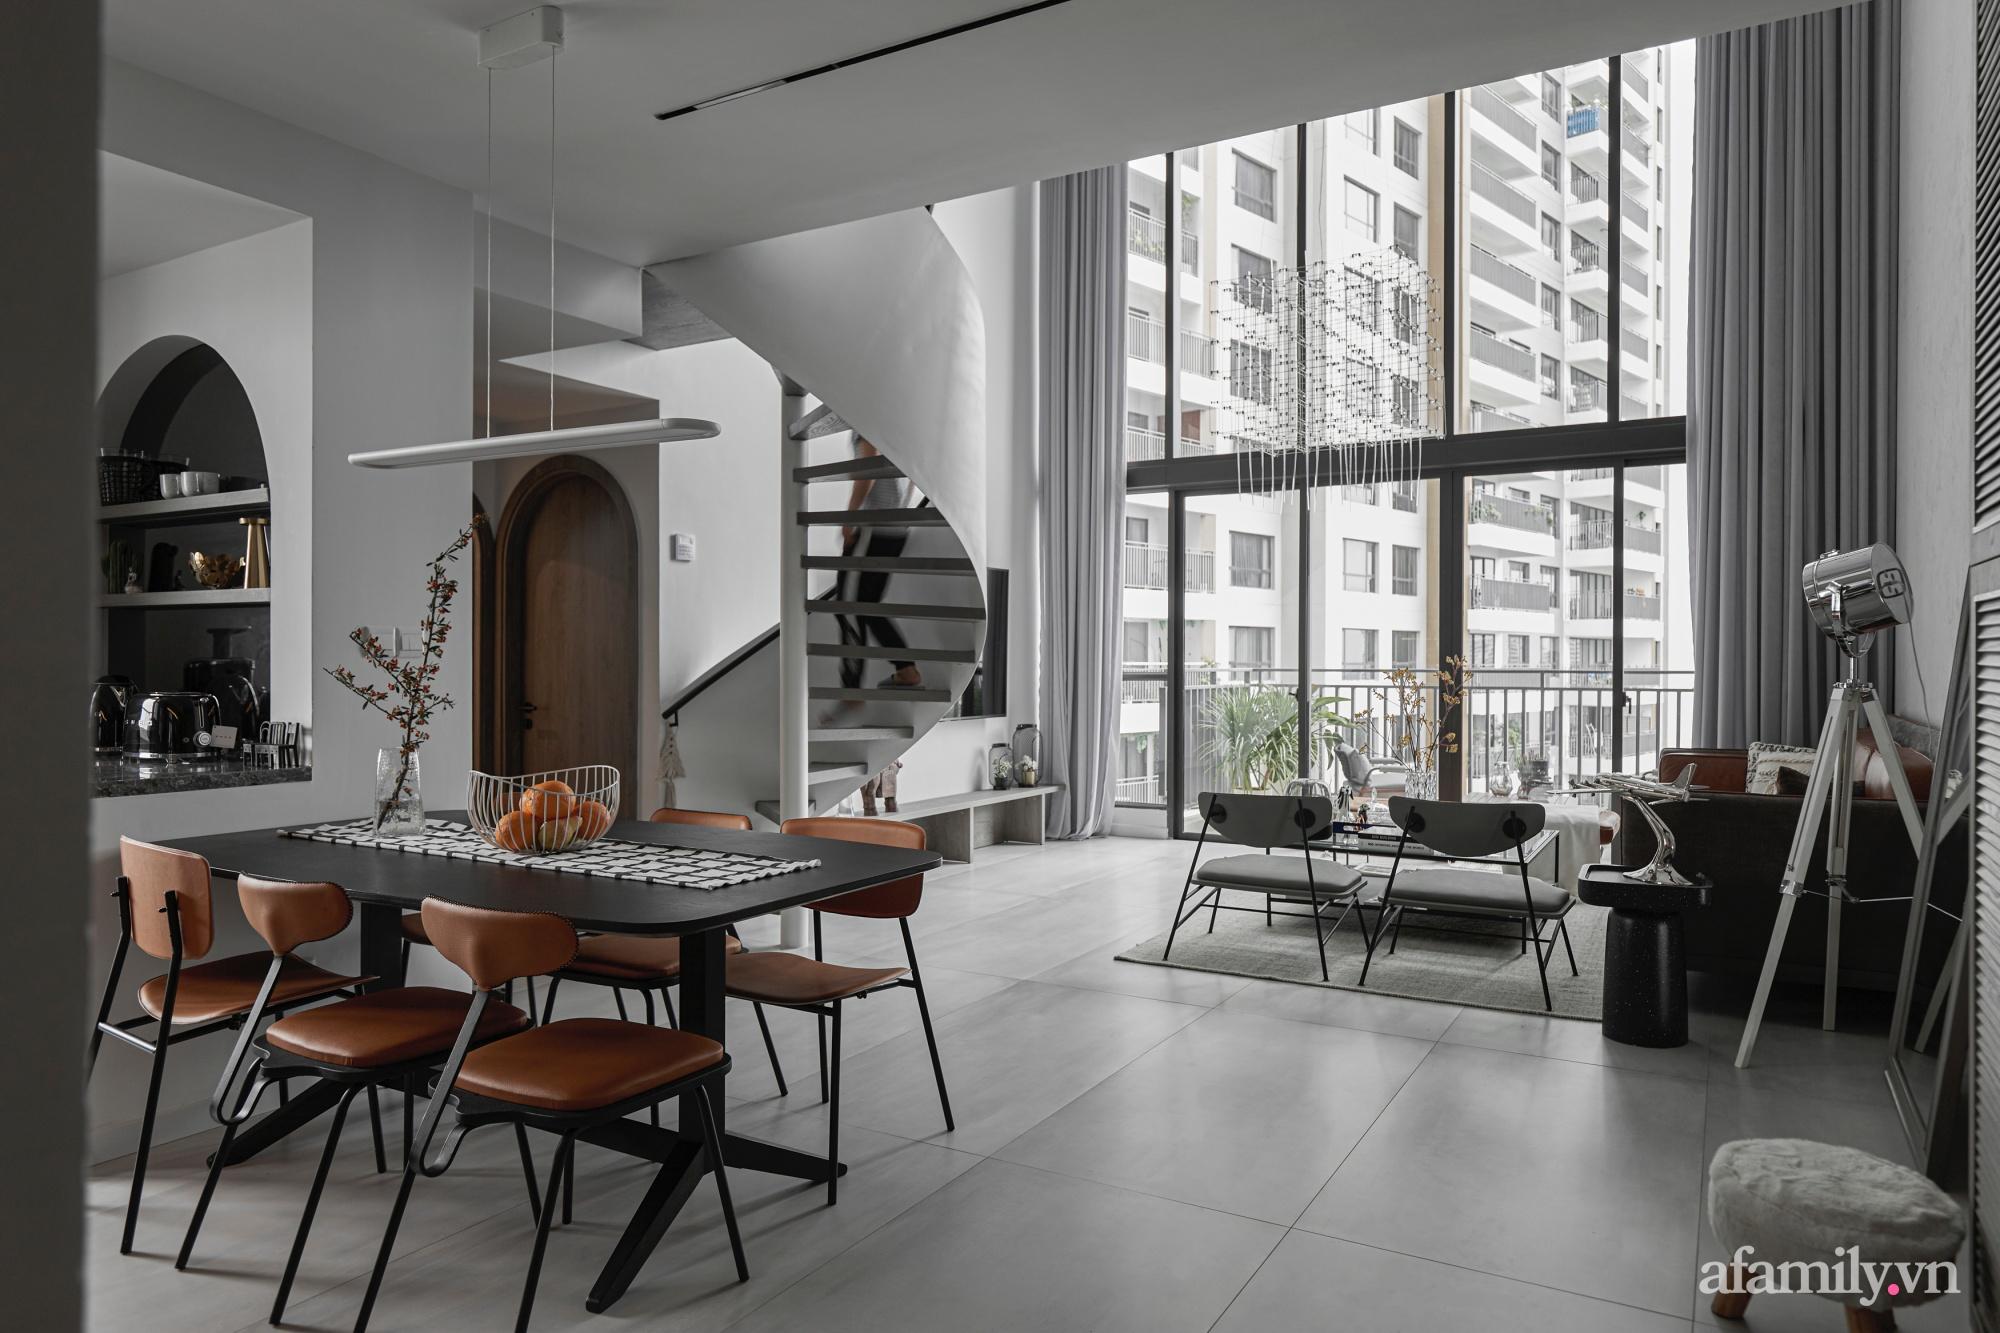 Căn hộ 2 tầng rộng 145m² đẹp sang trọng với điểm nhấn mộc mạc từ chất liệu bê tông ở Sài Gòn - Ảnh 8.